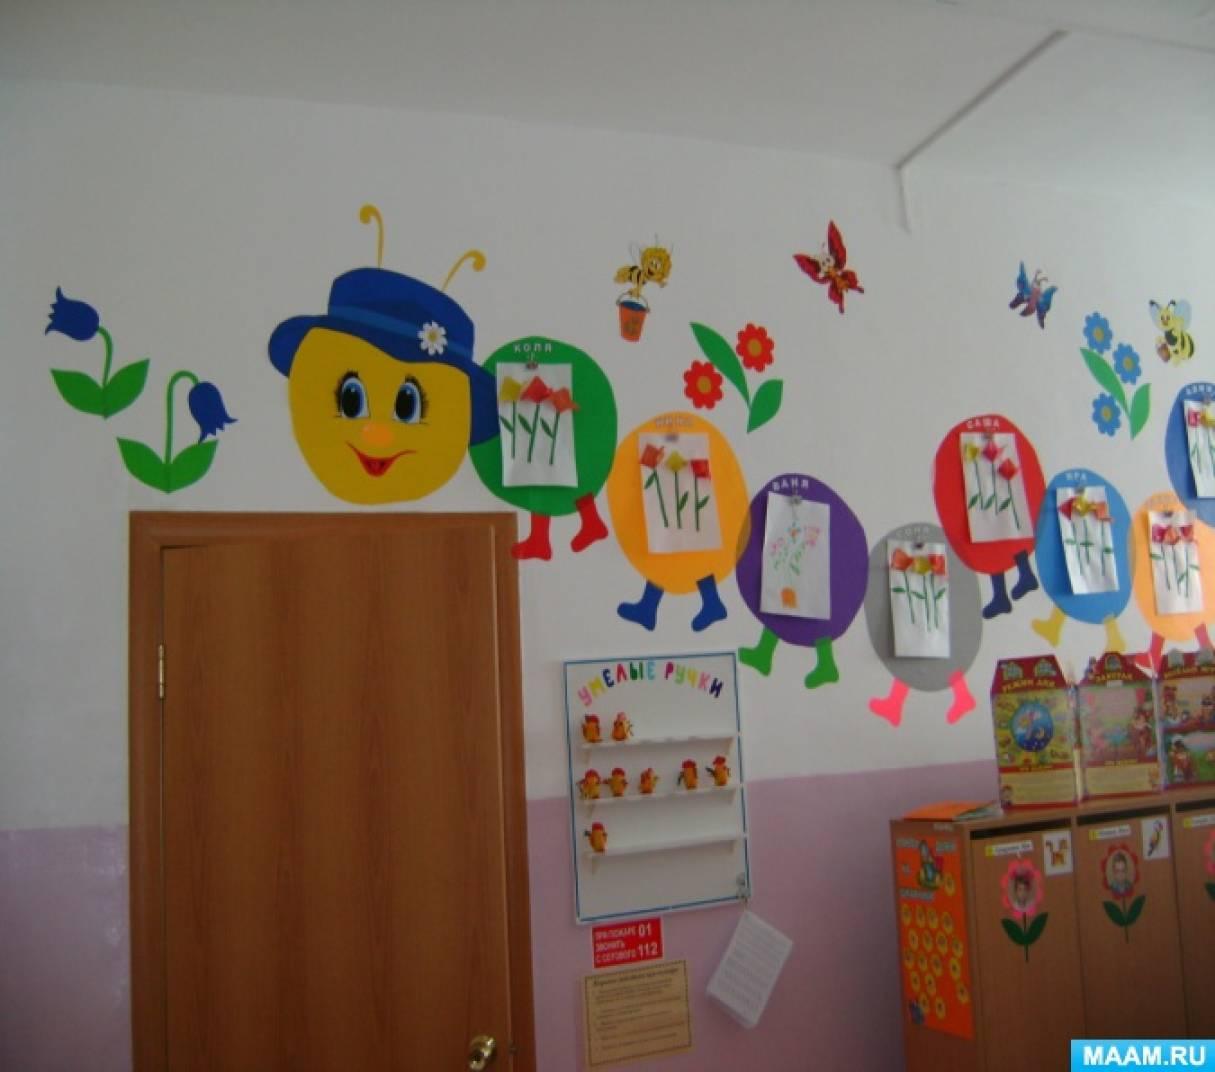 Открытка василек, оформление раздевалки в детском саду по фгос в картинках